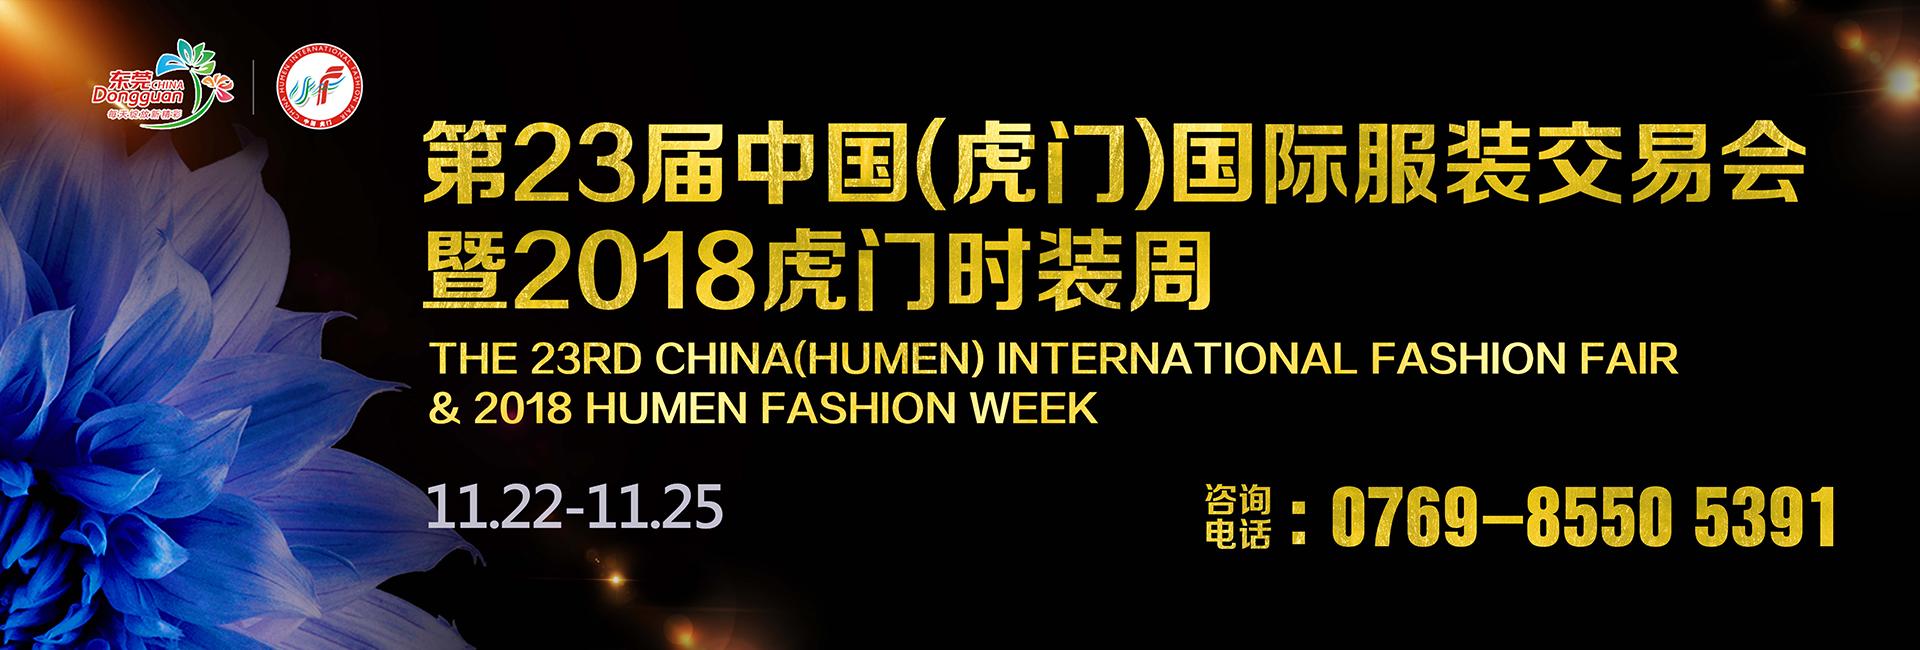 第23屆中國(虎門)國際服裝交易會暨2018虎門時裝周